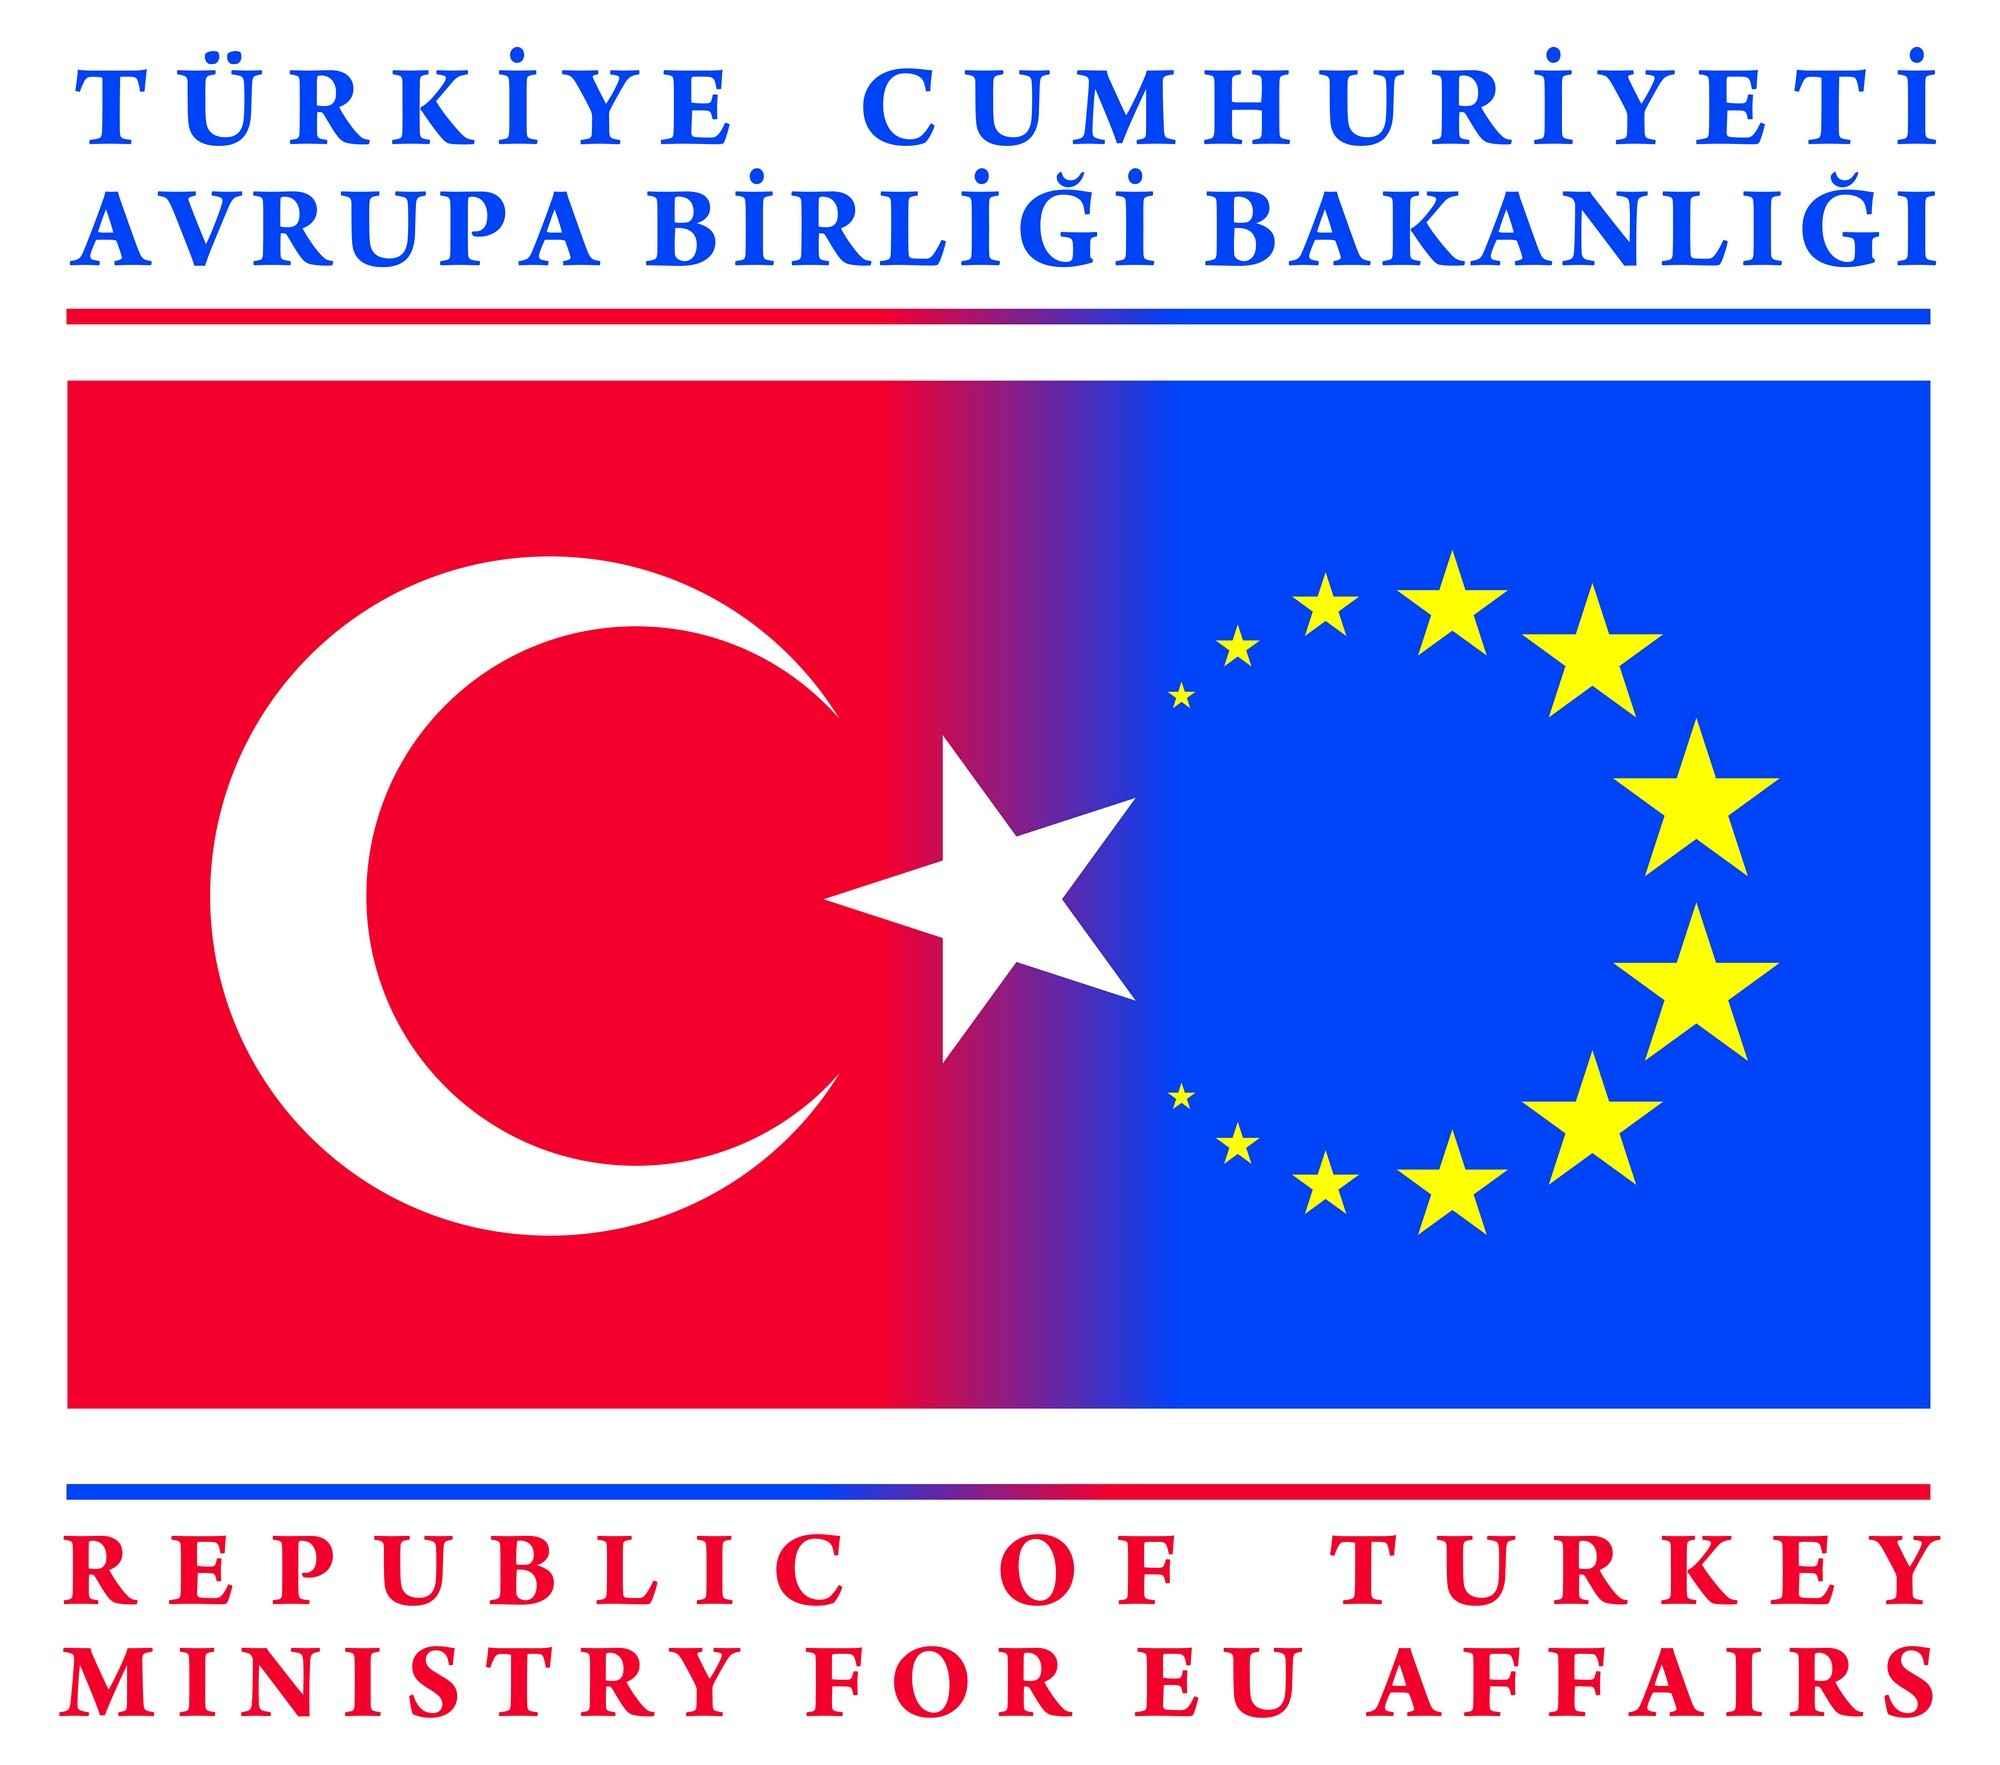 avrupa birligi bakanligi logo